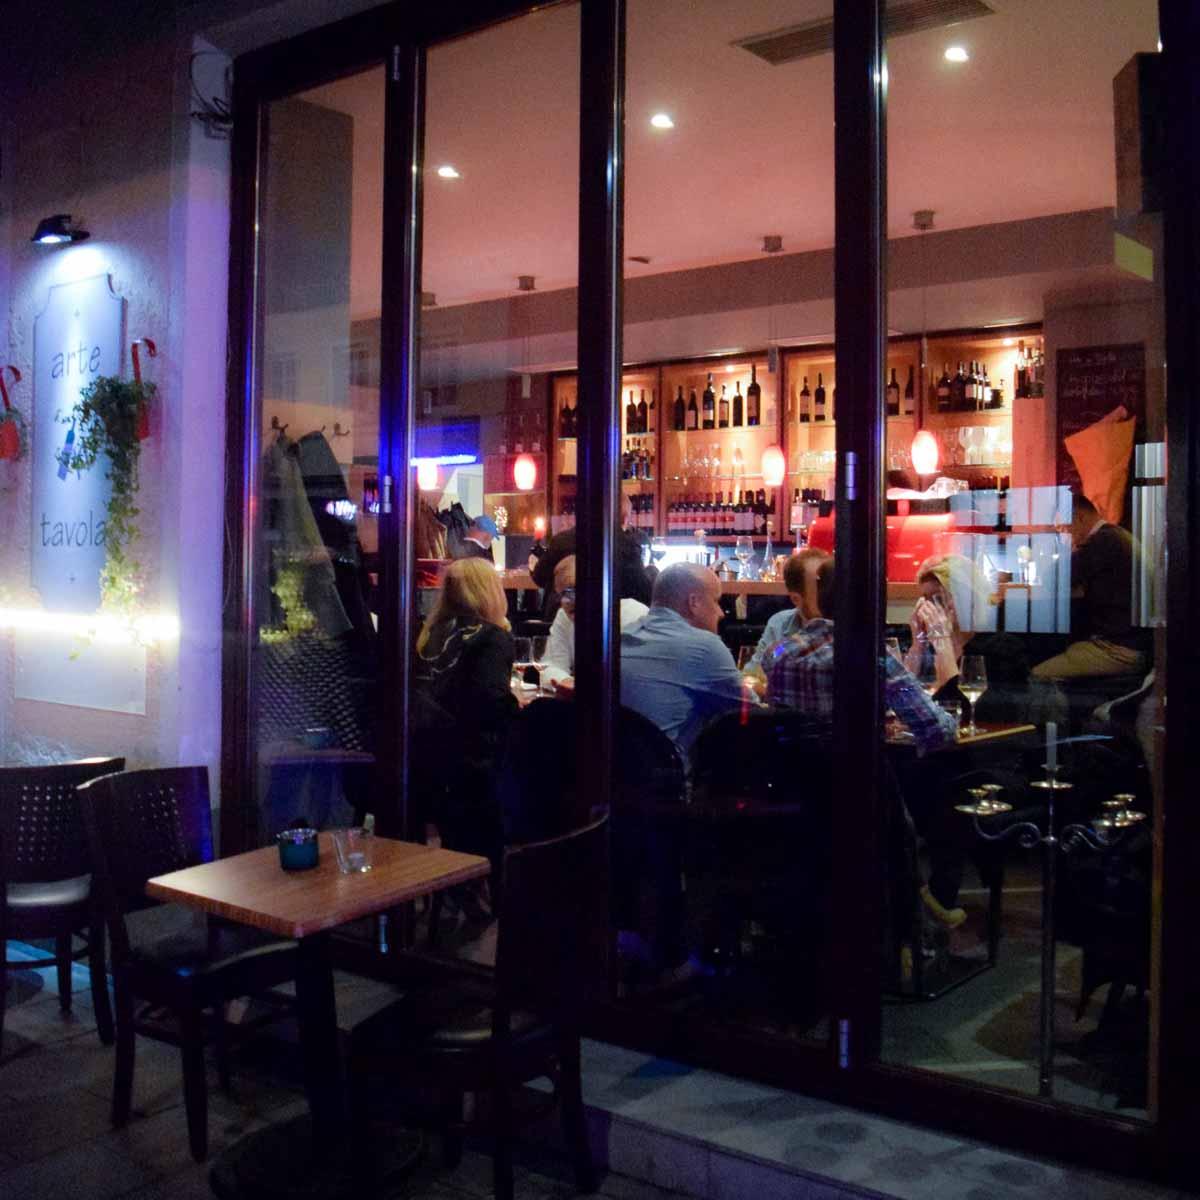 Restaurant Arte in Tavola München-5